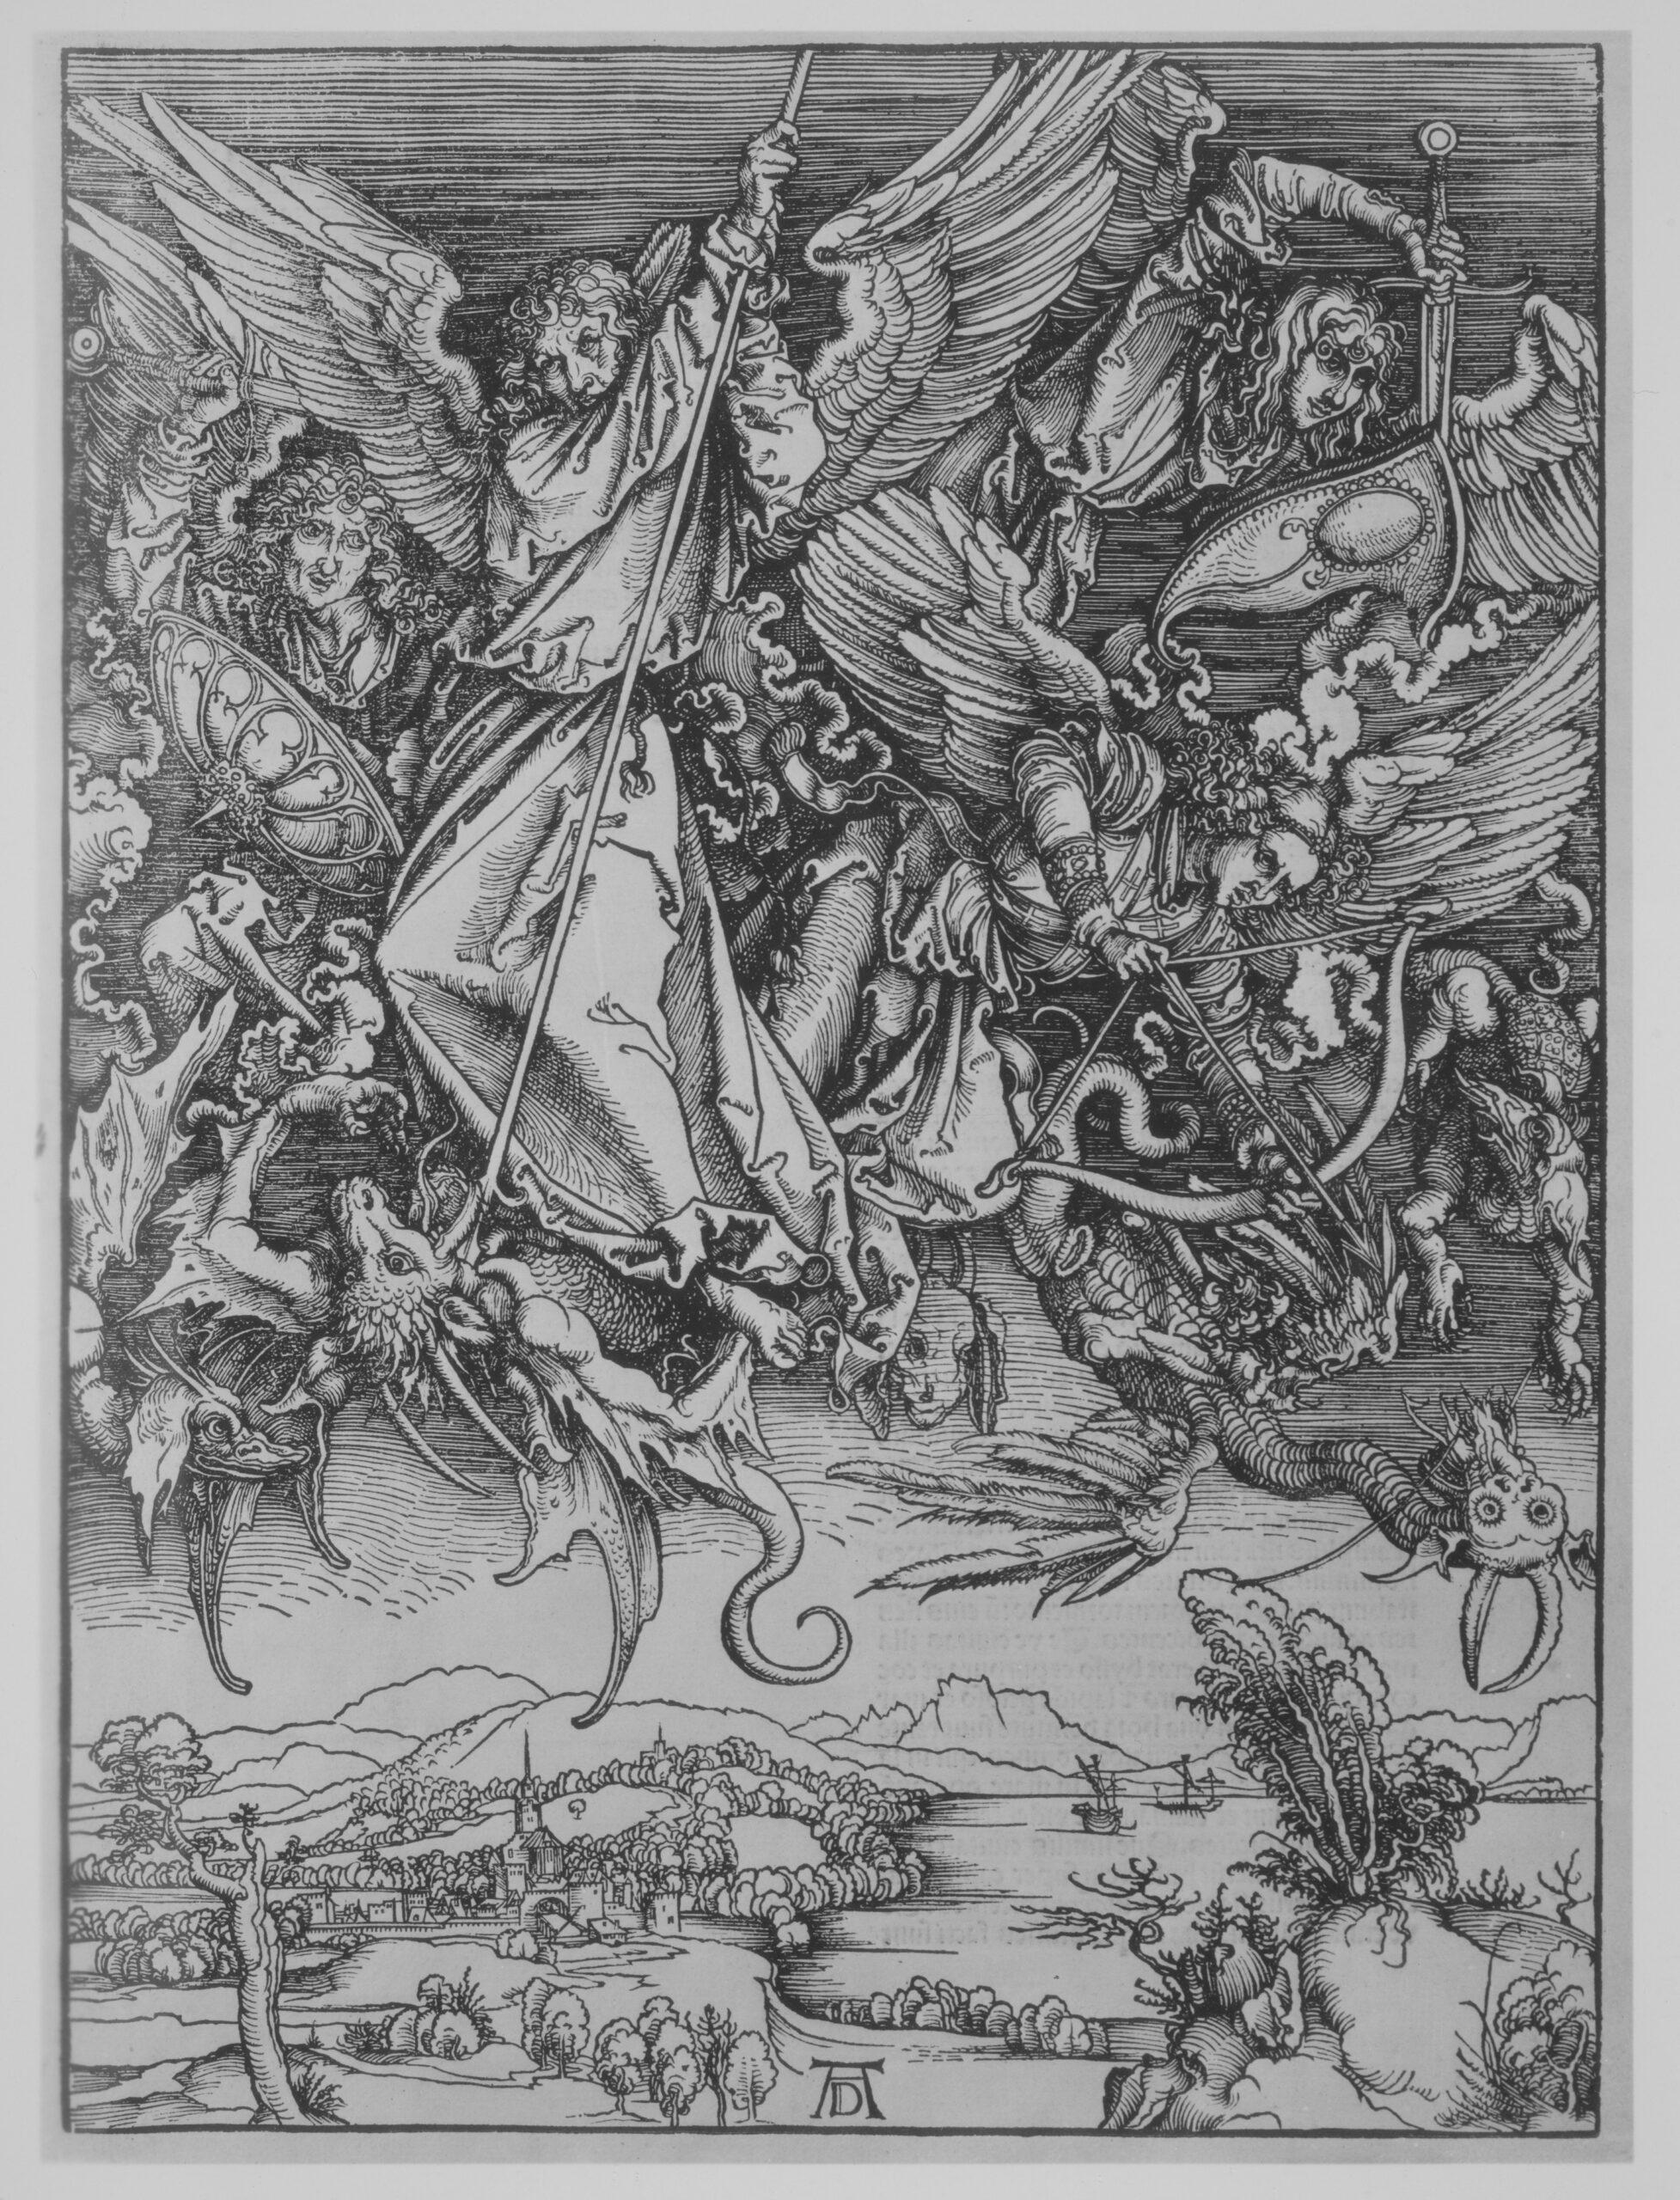 Albrecht DürerApocalypsis cu Figuris, 1511